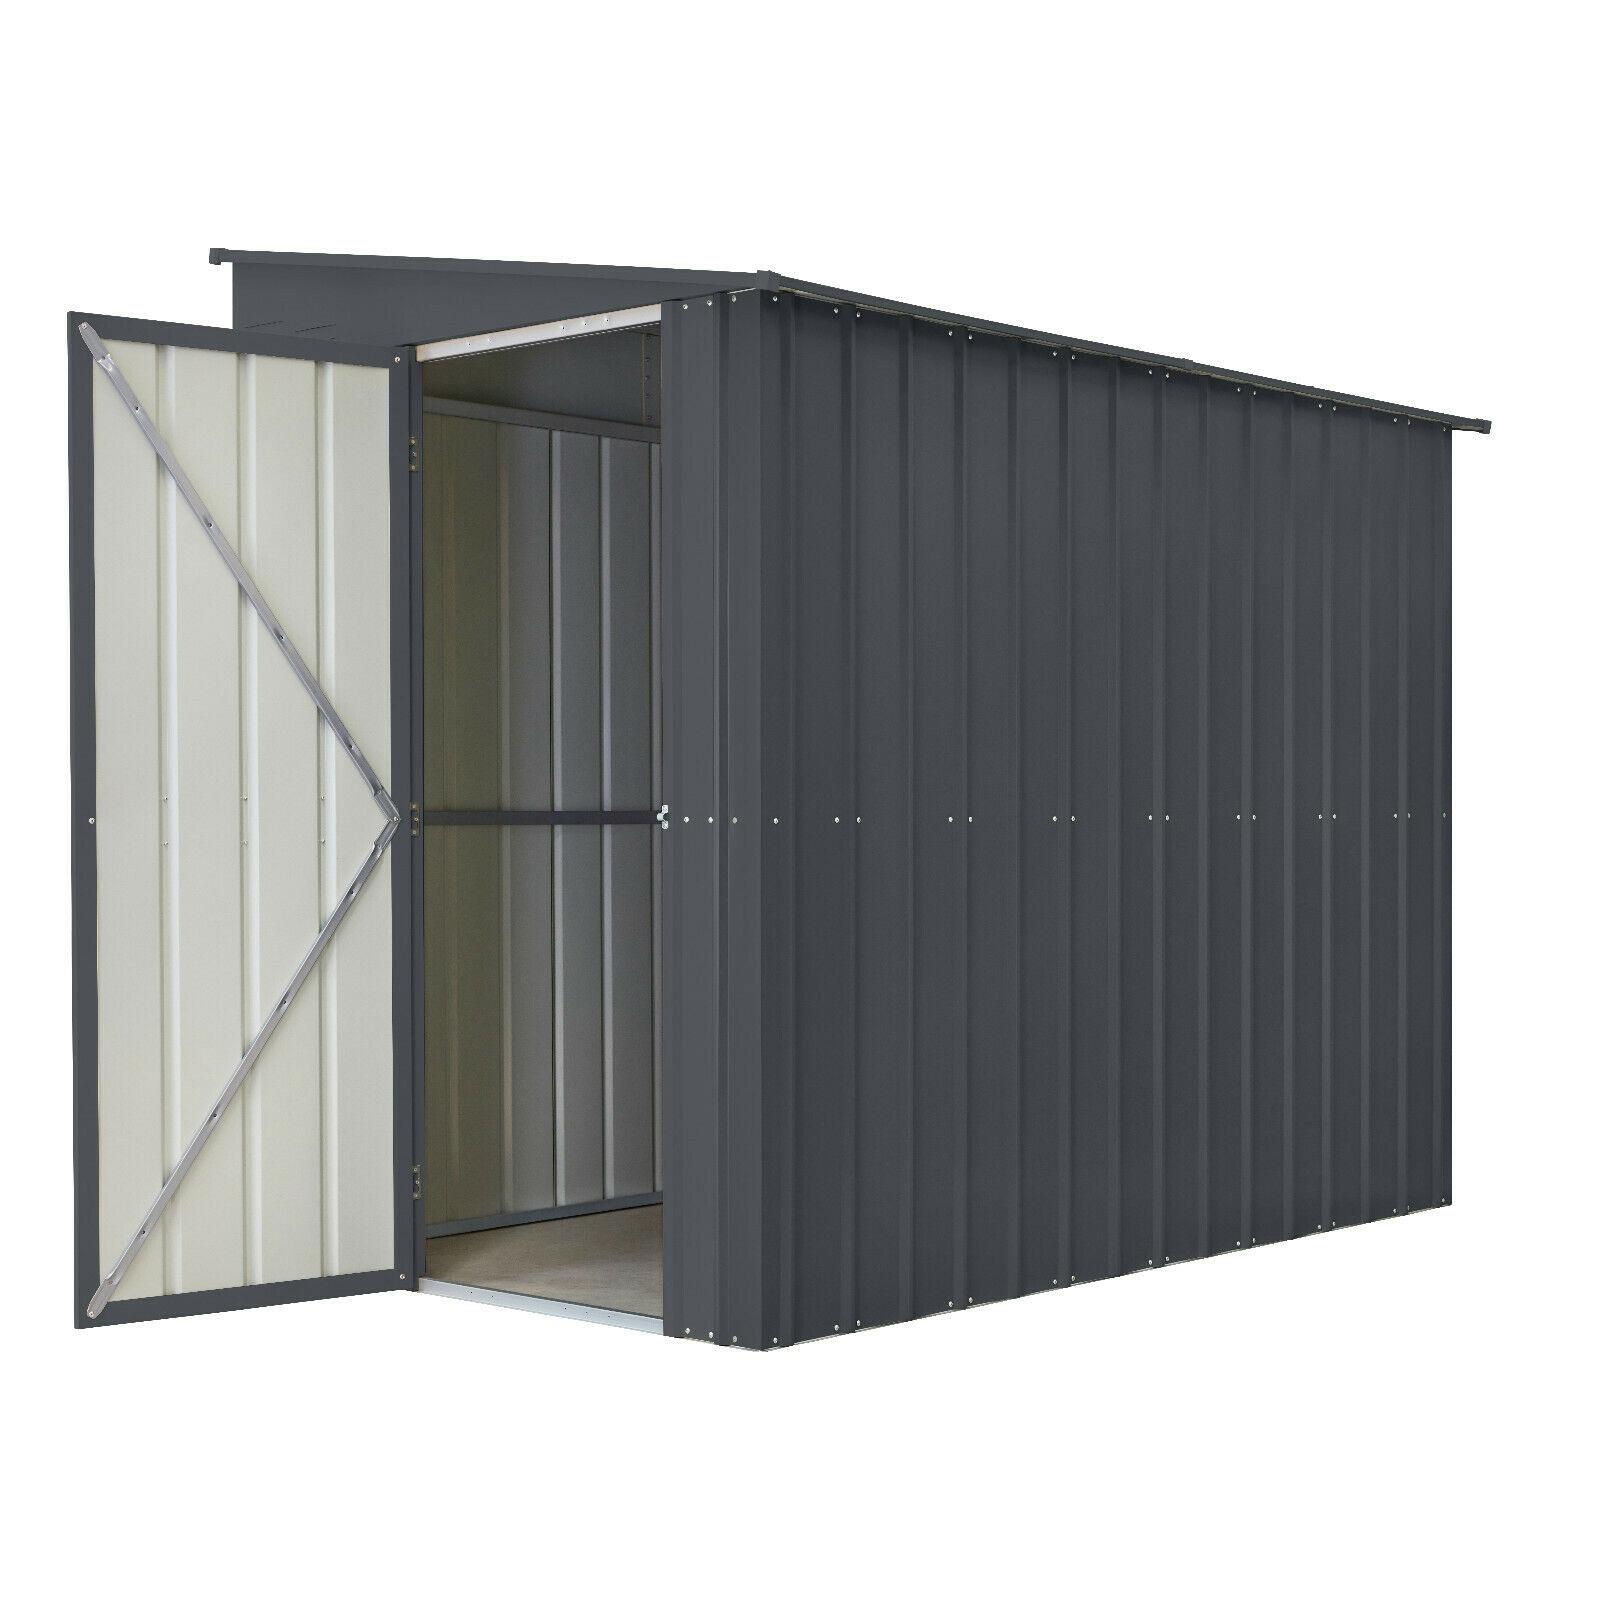 Globel Pultdach Wand-Gerätehaus LeanTo, 2 Großen, 2,46qm-3,37qm, anthrazit